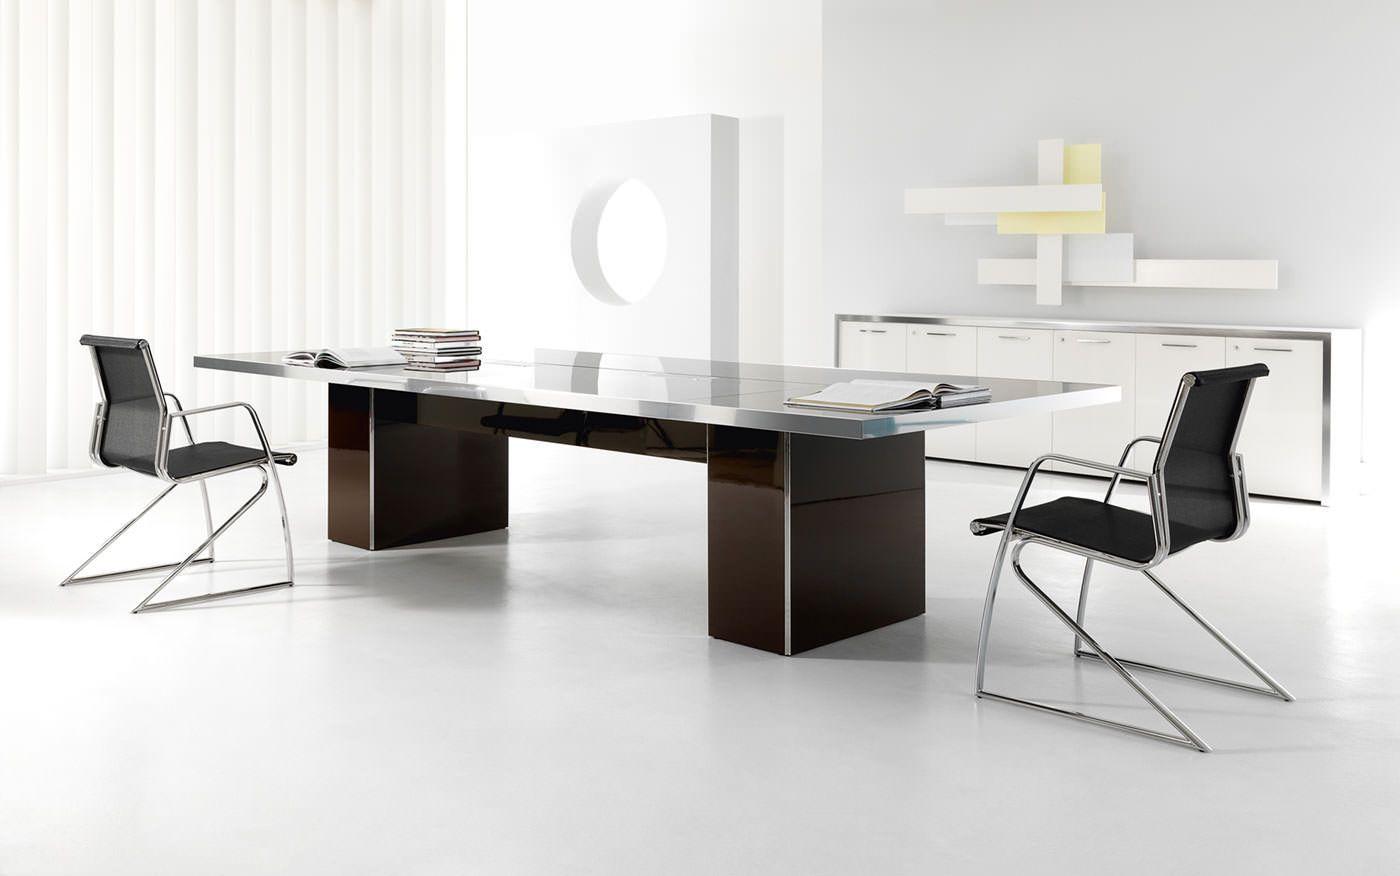 Arredamento Ufficio Lugano : Mobili per ufficio wing ivm office ivm office arredo ufficio